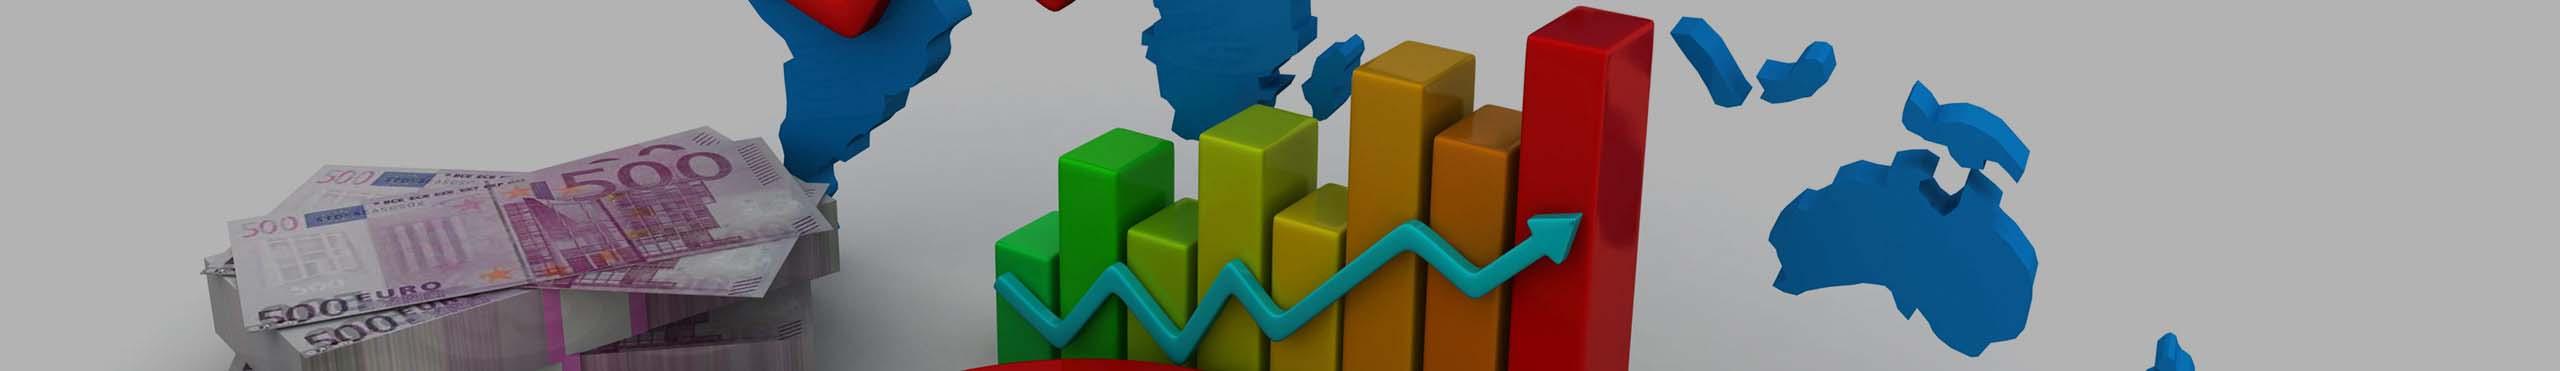 OPCVM : Comment investir dans des fonds performants ?